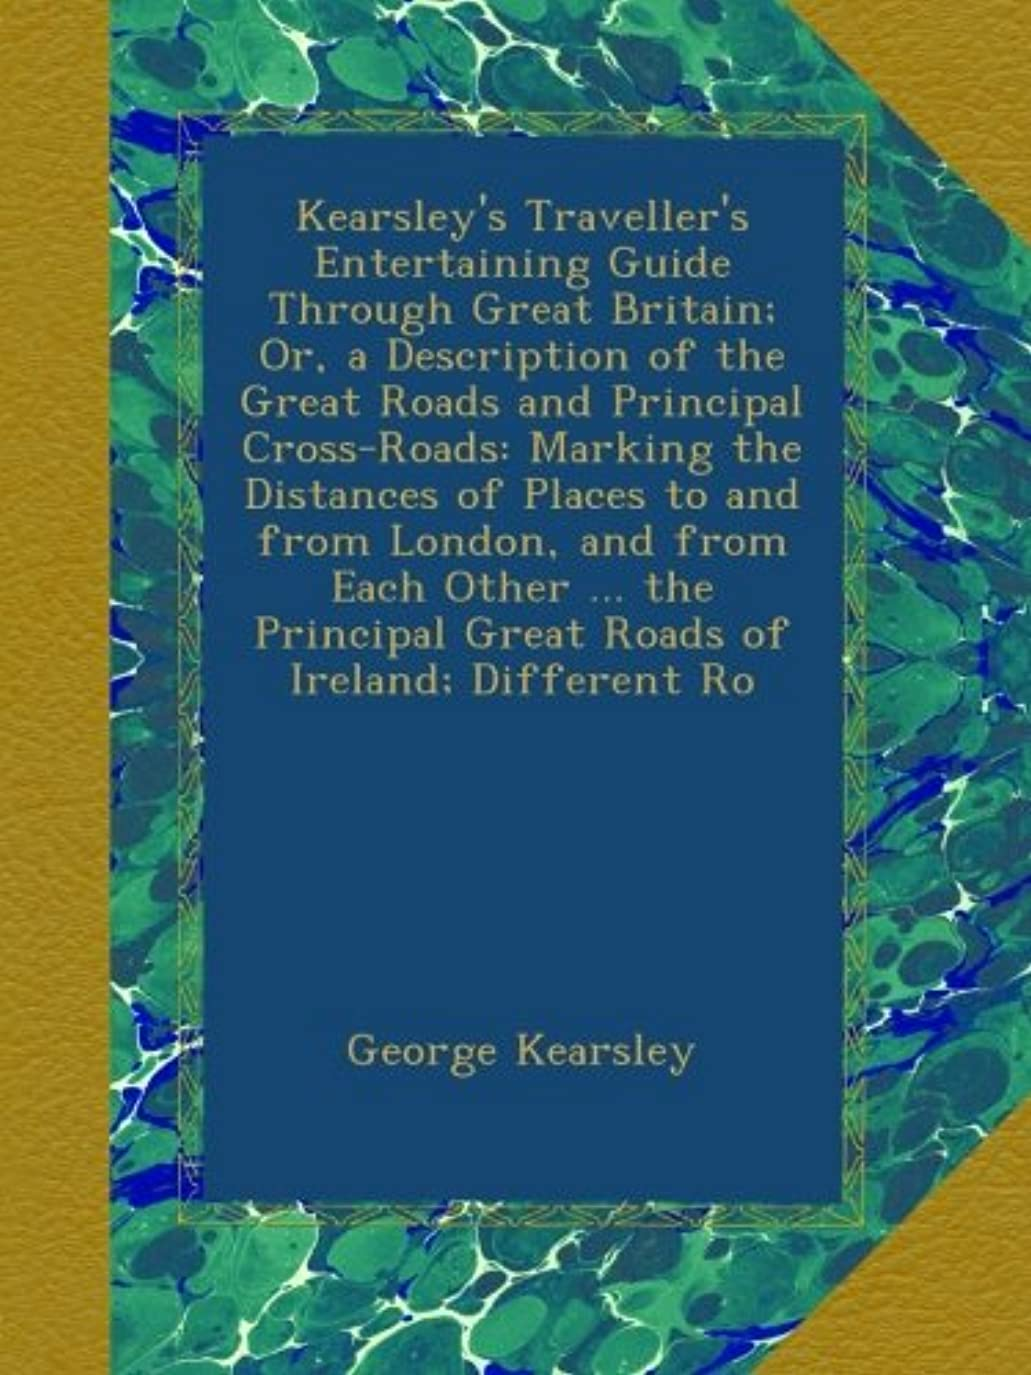 郡機関洞察力のあるKearsley's Traveller's Entertaining Guide Through Great Britain; Or, a Description of the Great Roads and Principal Cross-Roads: Marking the Distances of Places to and from London, and from Each Other ... the Principal Great Roads of Ireland; Different Ro